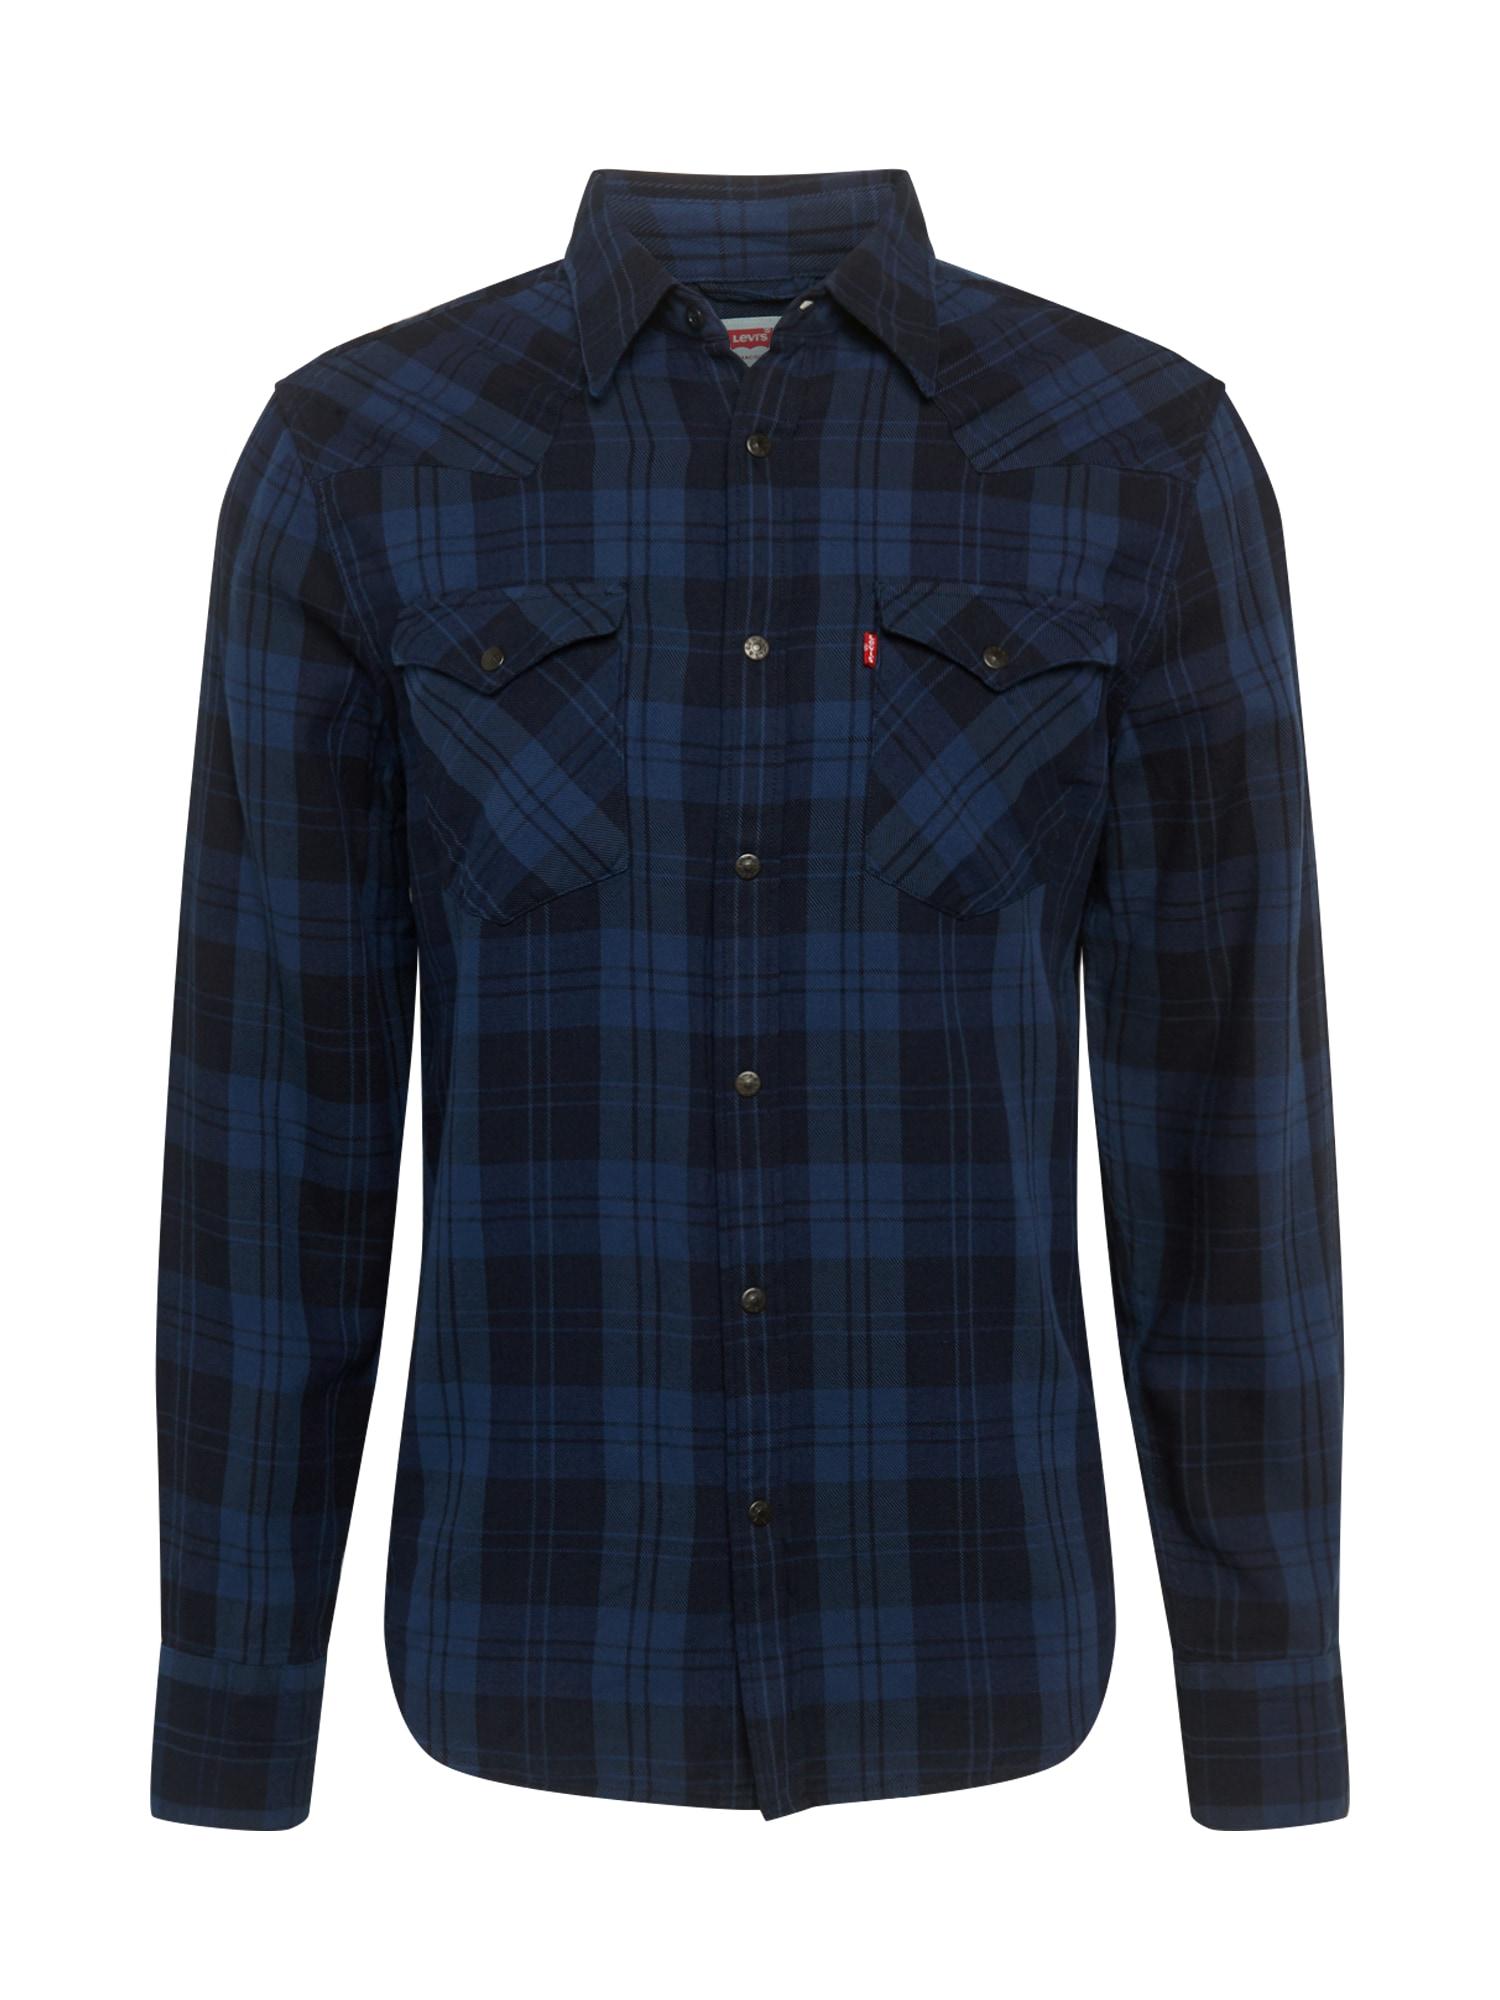 LEVI'S Dalykiniai marškiniai 'BARSTOW WESTERN' tamsiai mėlyna